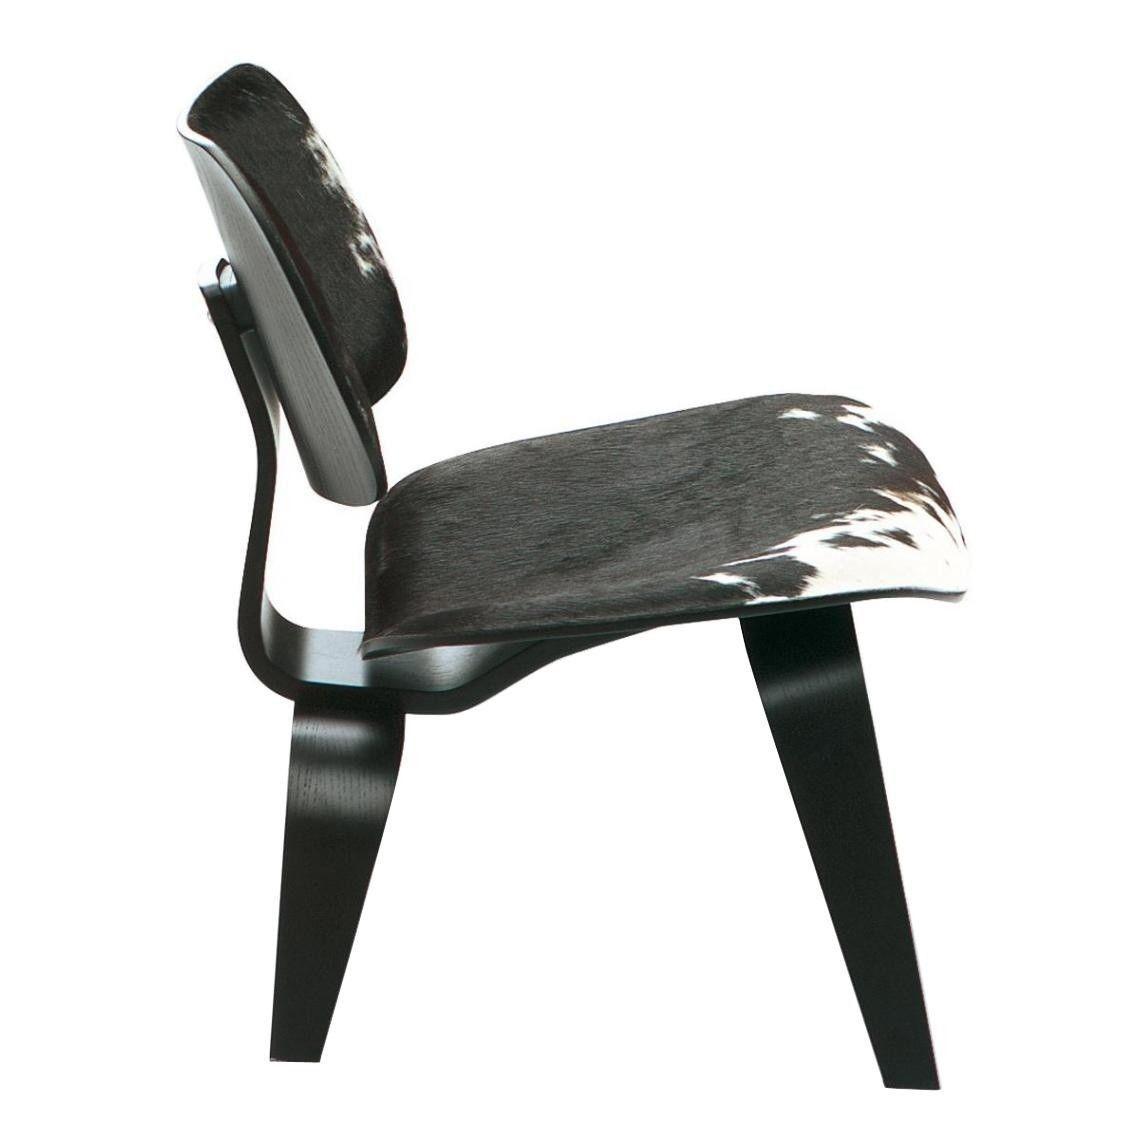 Vitra   LCW Chair Calfu0027s Skin   Calfu0027s Skin Black/white/frame Black Stained